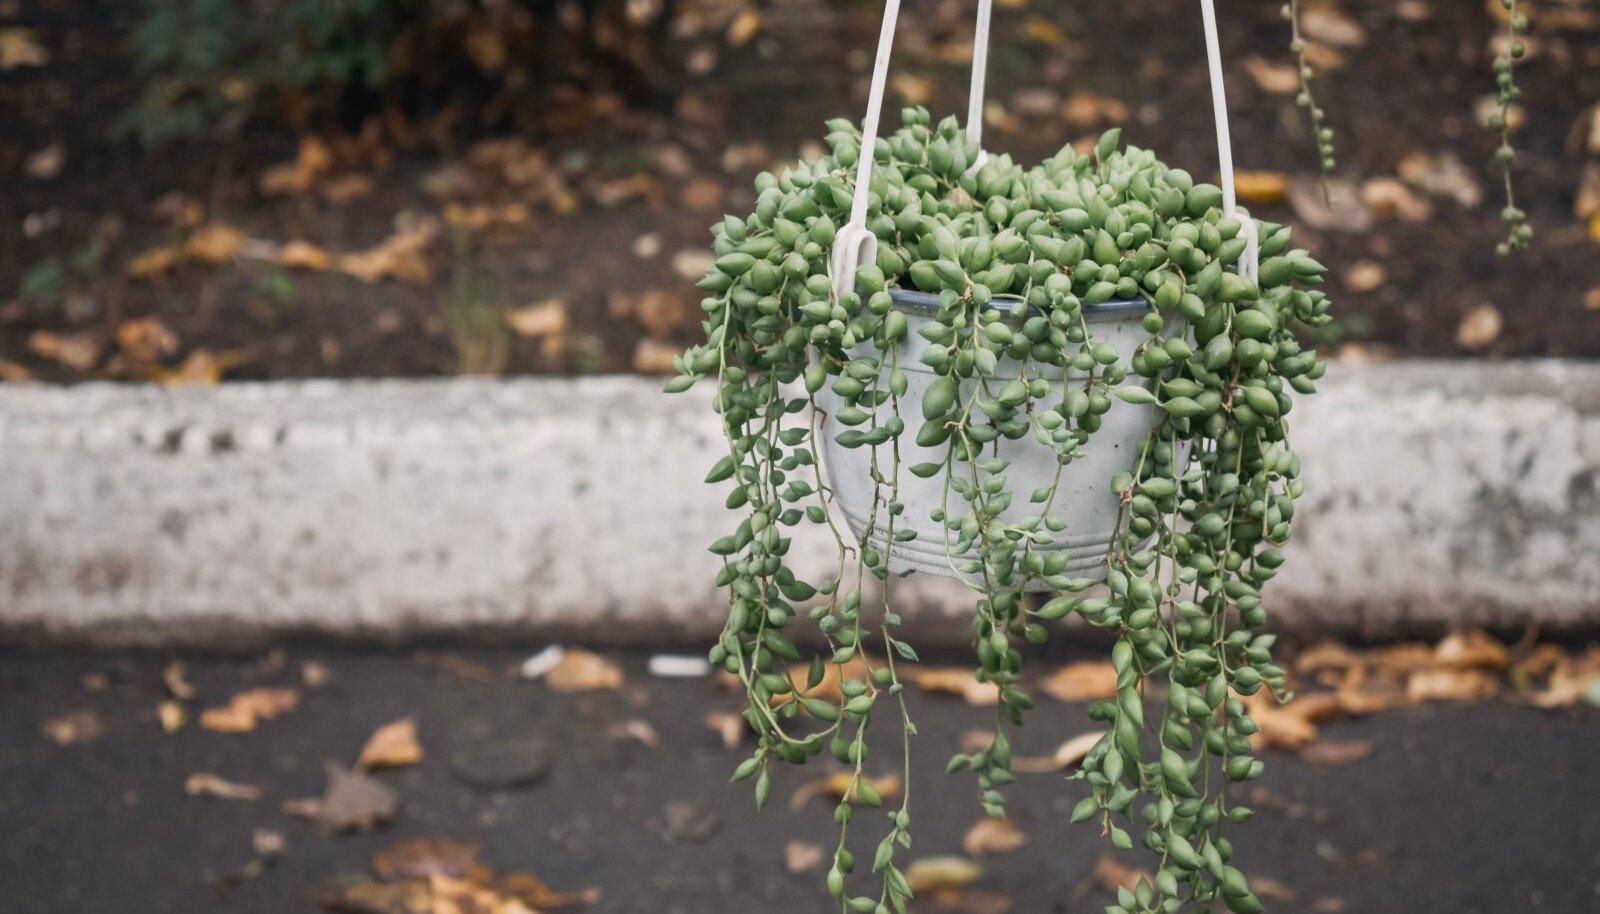 """Helmes-ristirohu """"pärlikee"""" eelistab kasvada väheviljakal kaktusemullal, kasta tasub teda harva ja vahepeal peab pinnas ka läbi kuivama."""